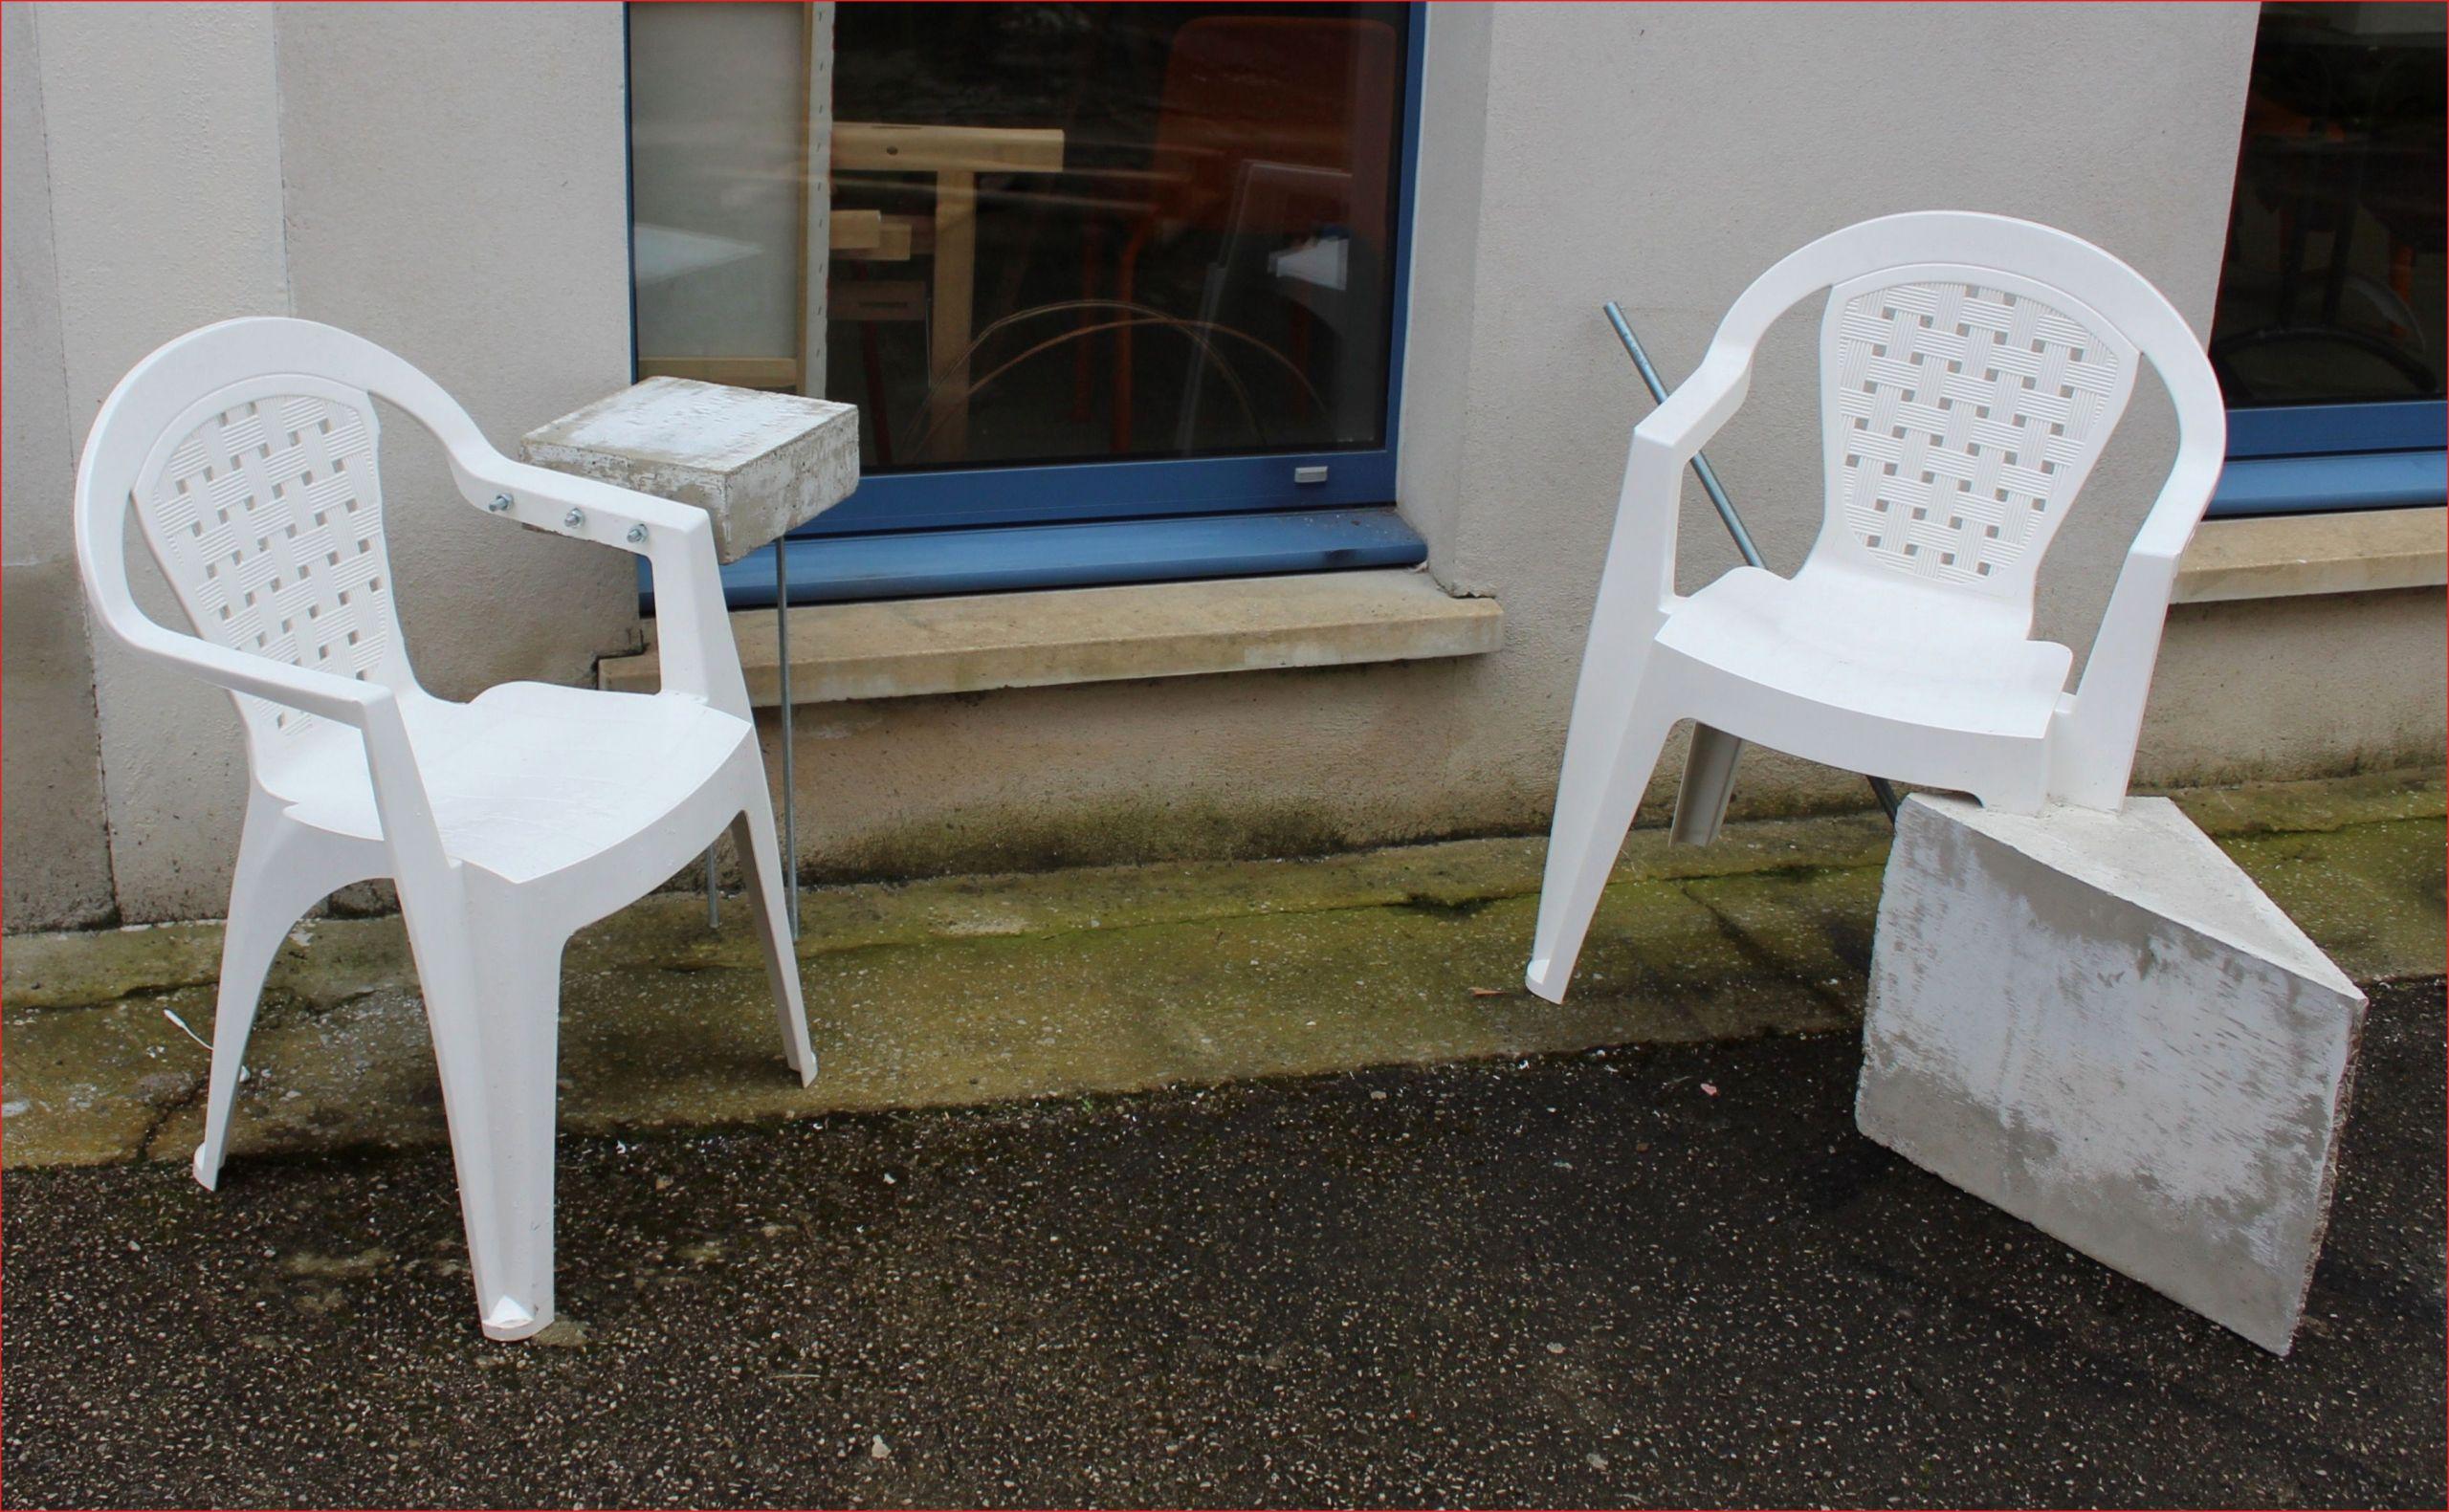 chaise de jardin bois beau fac2a7ons de fauteuil bois image de fauteuil decoratif de chaise de jardin bois 1 scaled